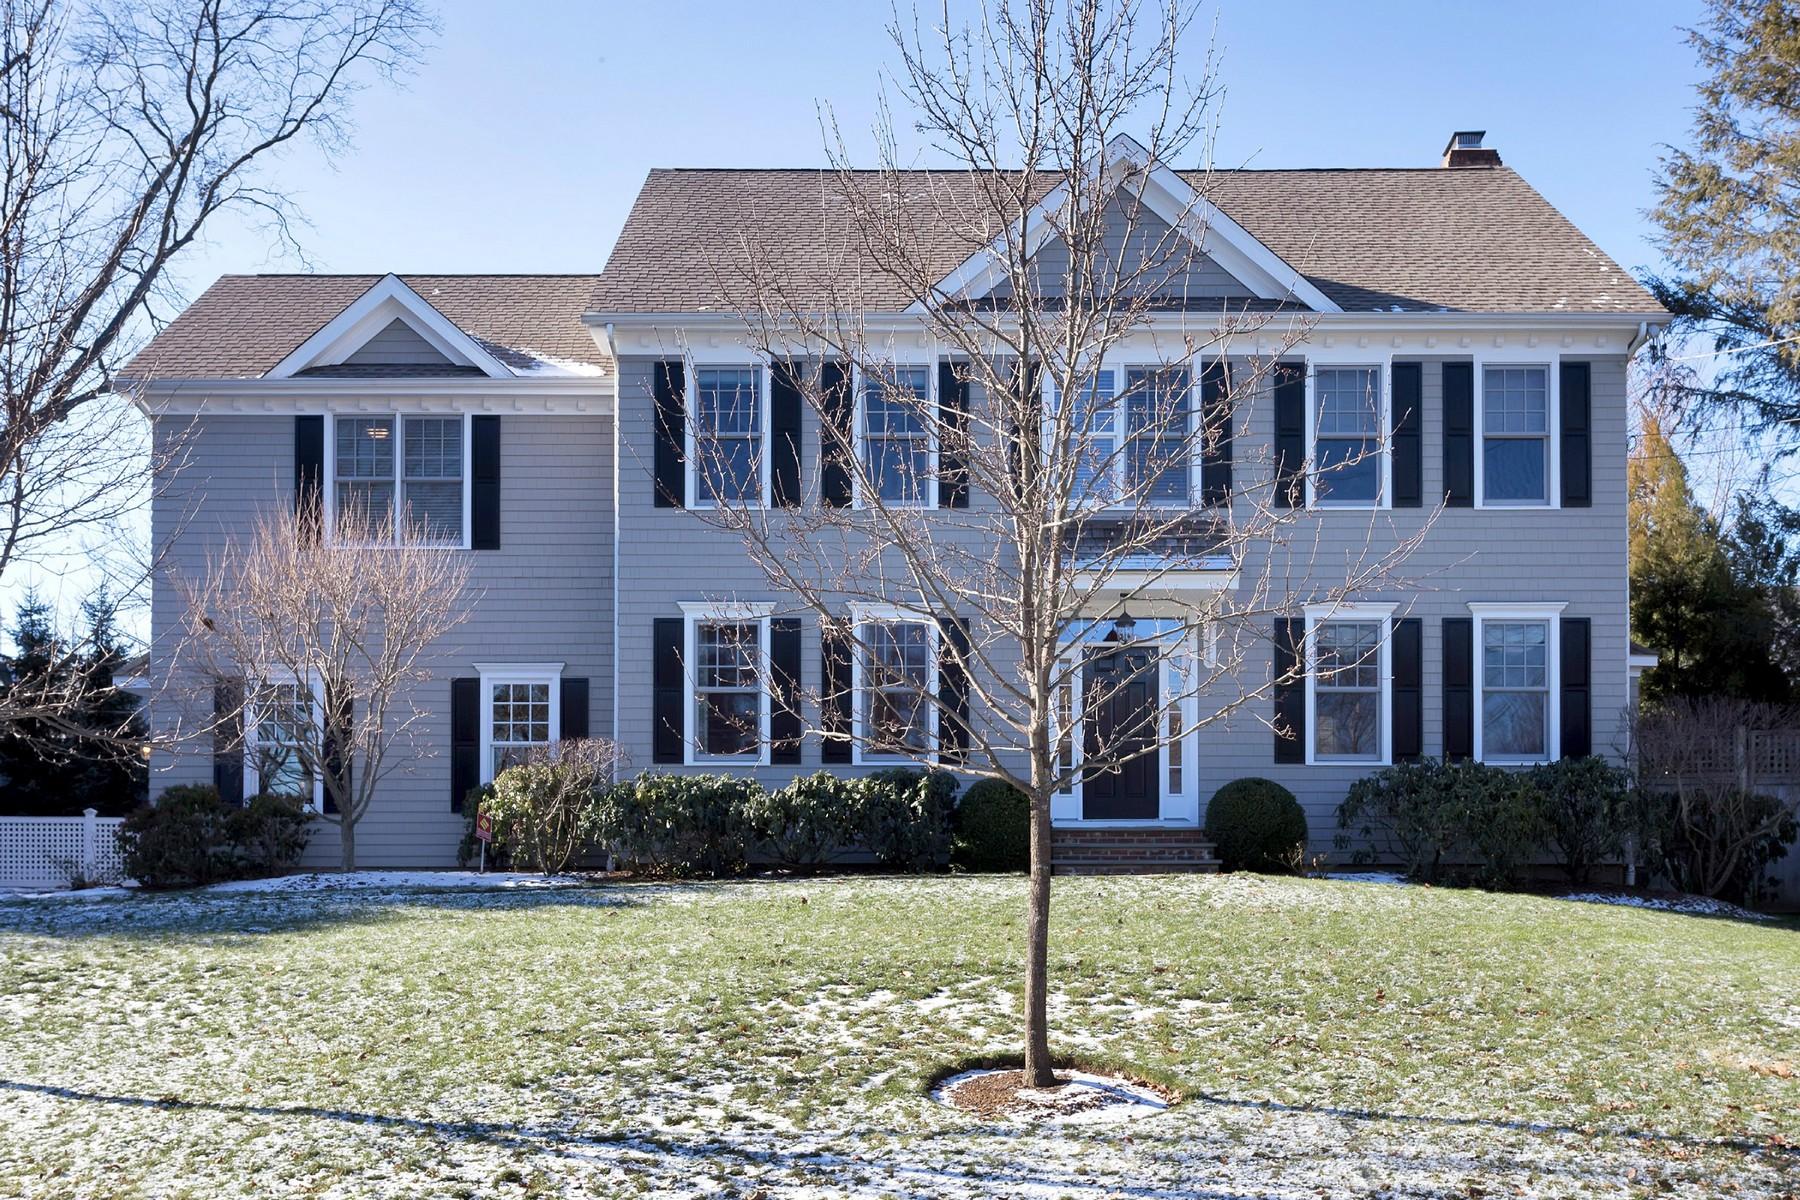 Частный односемейный дом для того Продажа на GREENS FARMS COLONAIL 3 Garden Lane Westport, Коннектикут, 06880 Соединенные Штаты